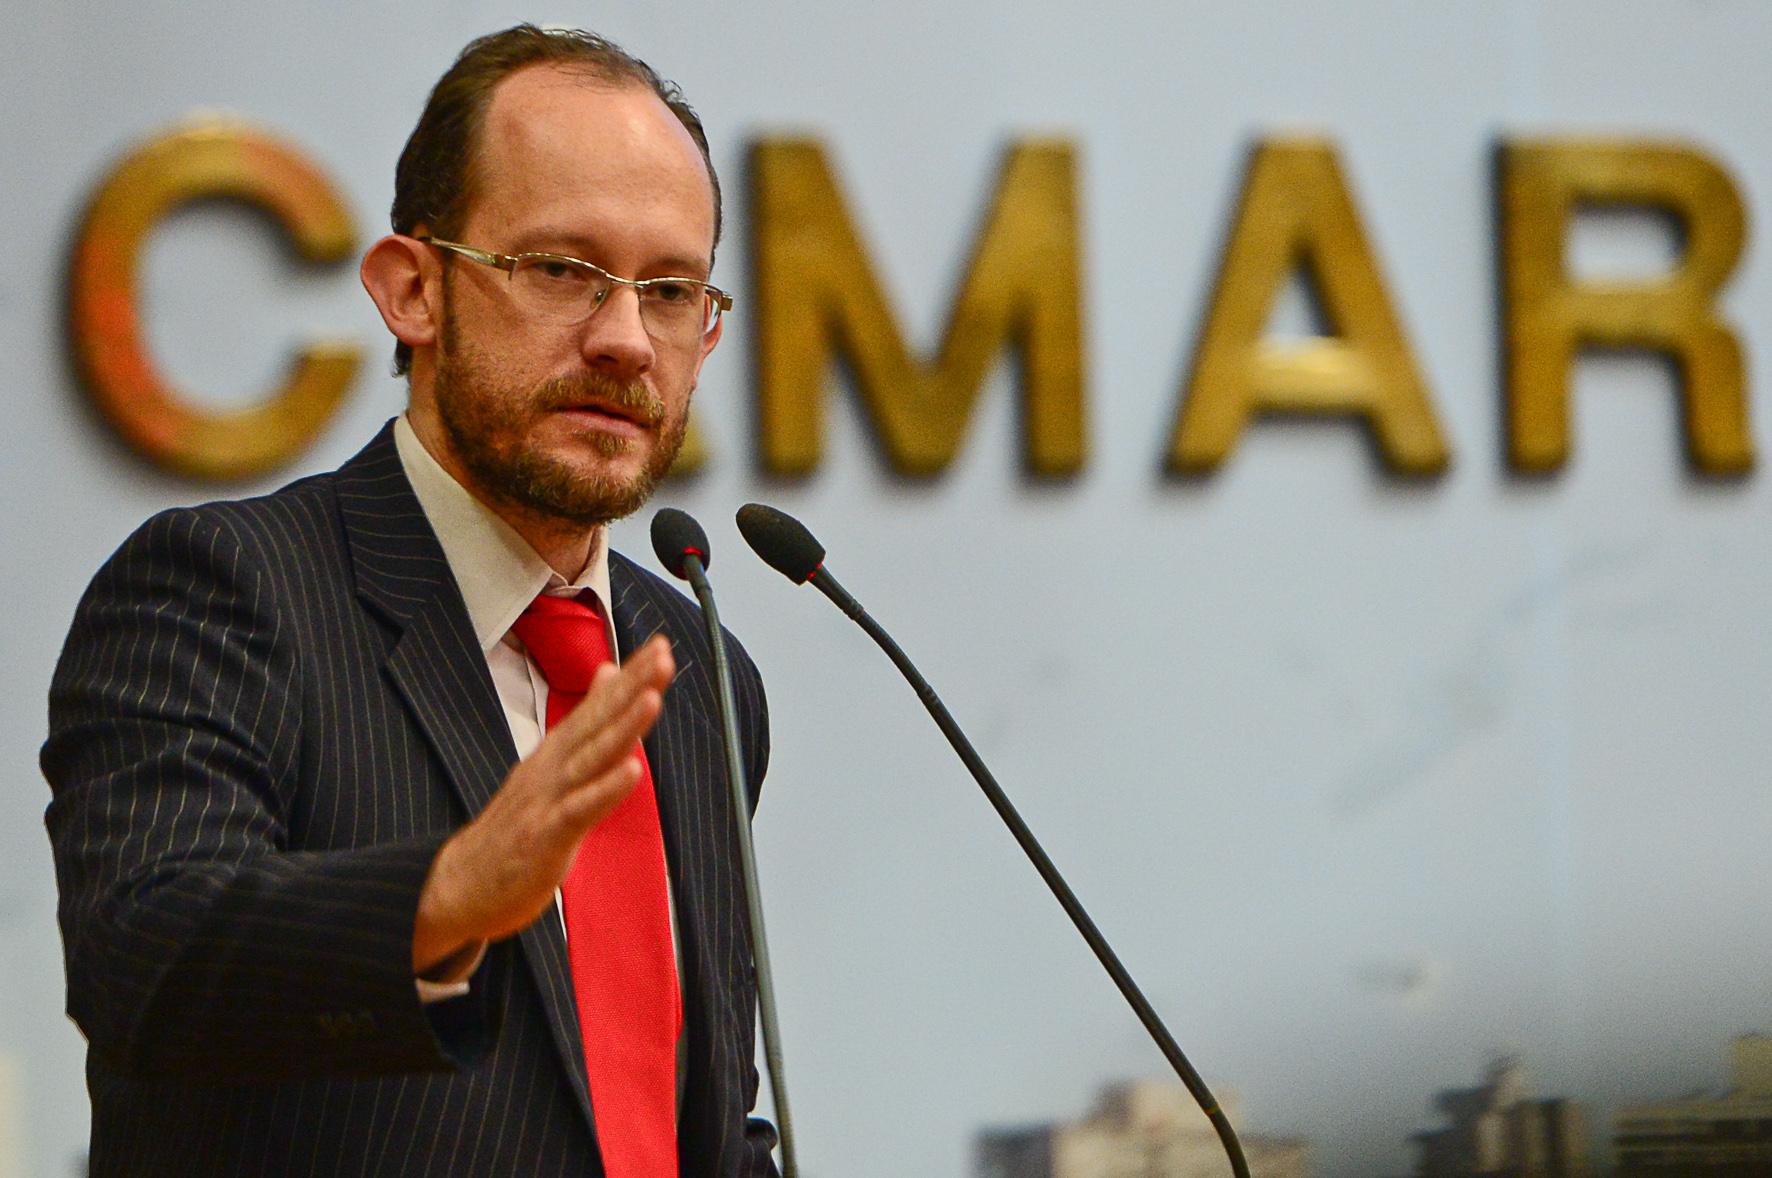 Vereador Alberto Kopittke na tribuna, como proponente da homenagem a Themis assessoria jurídica e estudos de gênero.  Foto: Matheus Piccini/CMPA